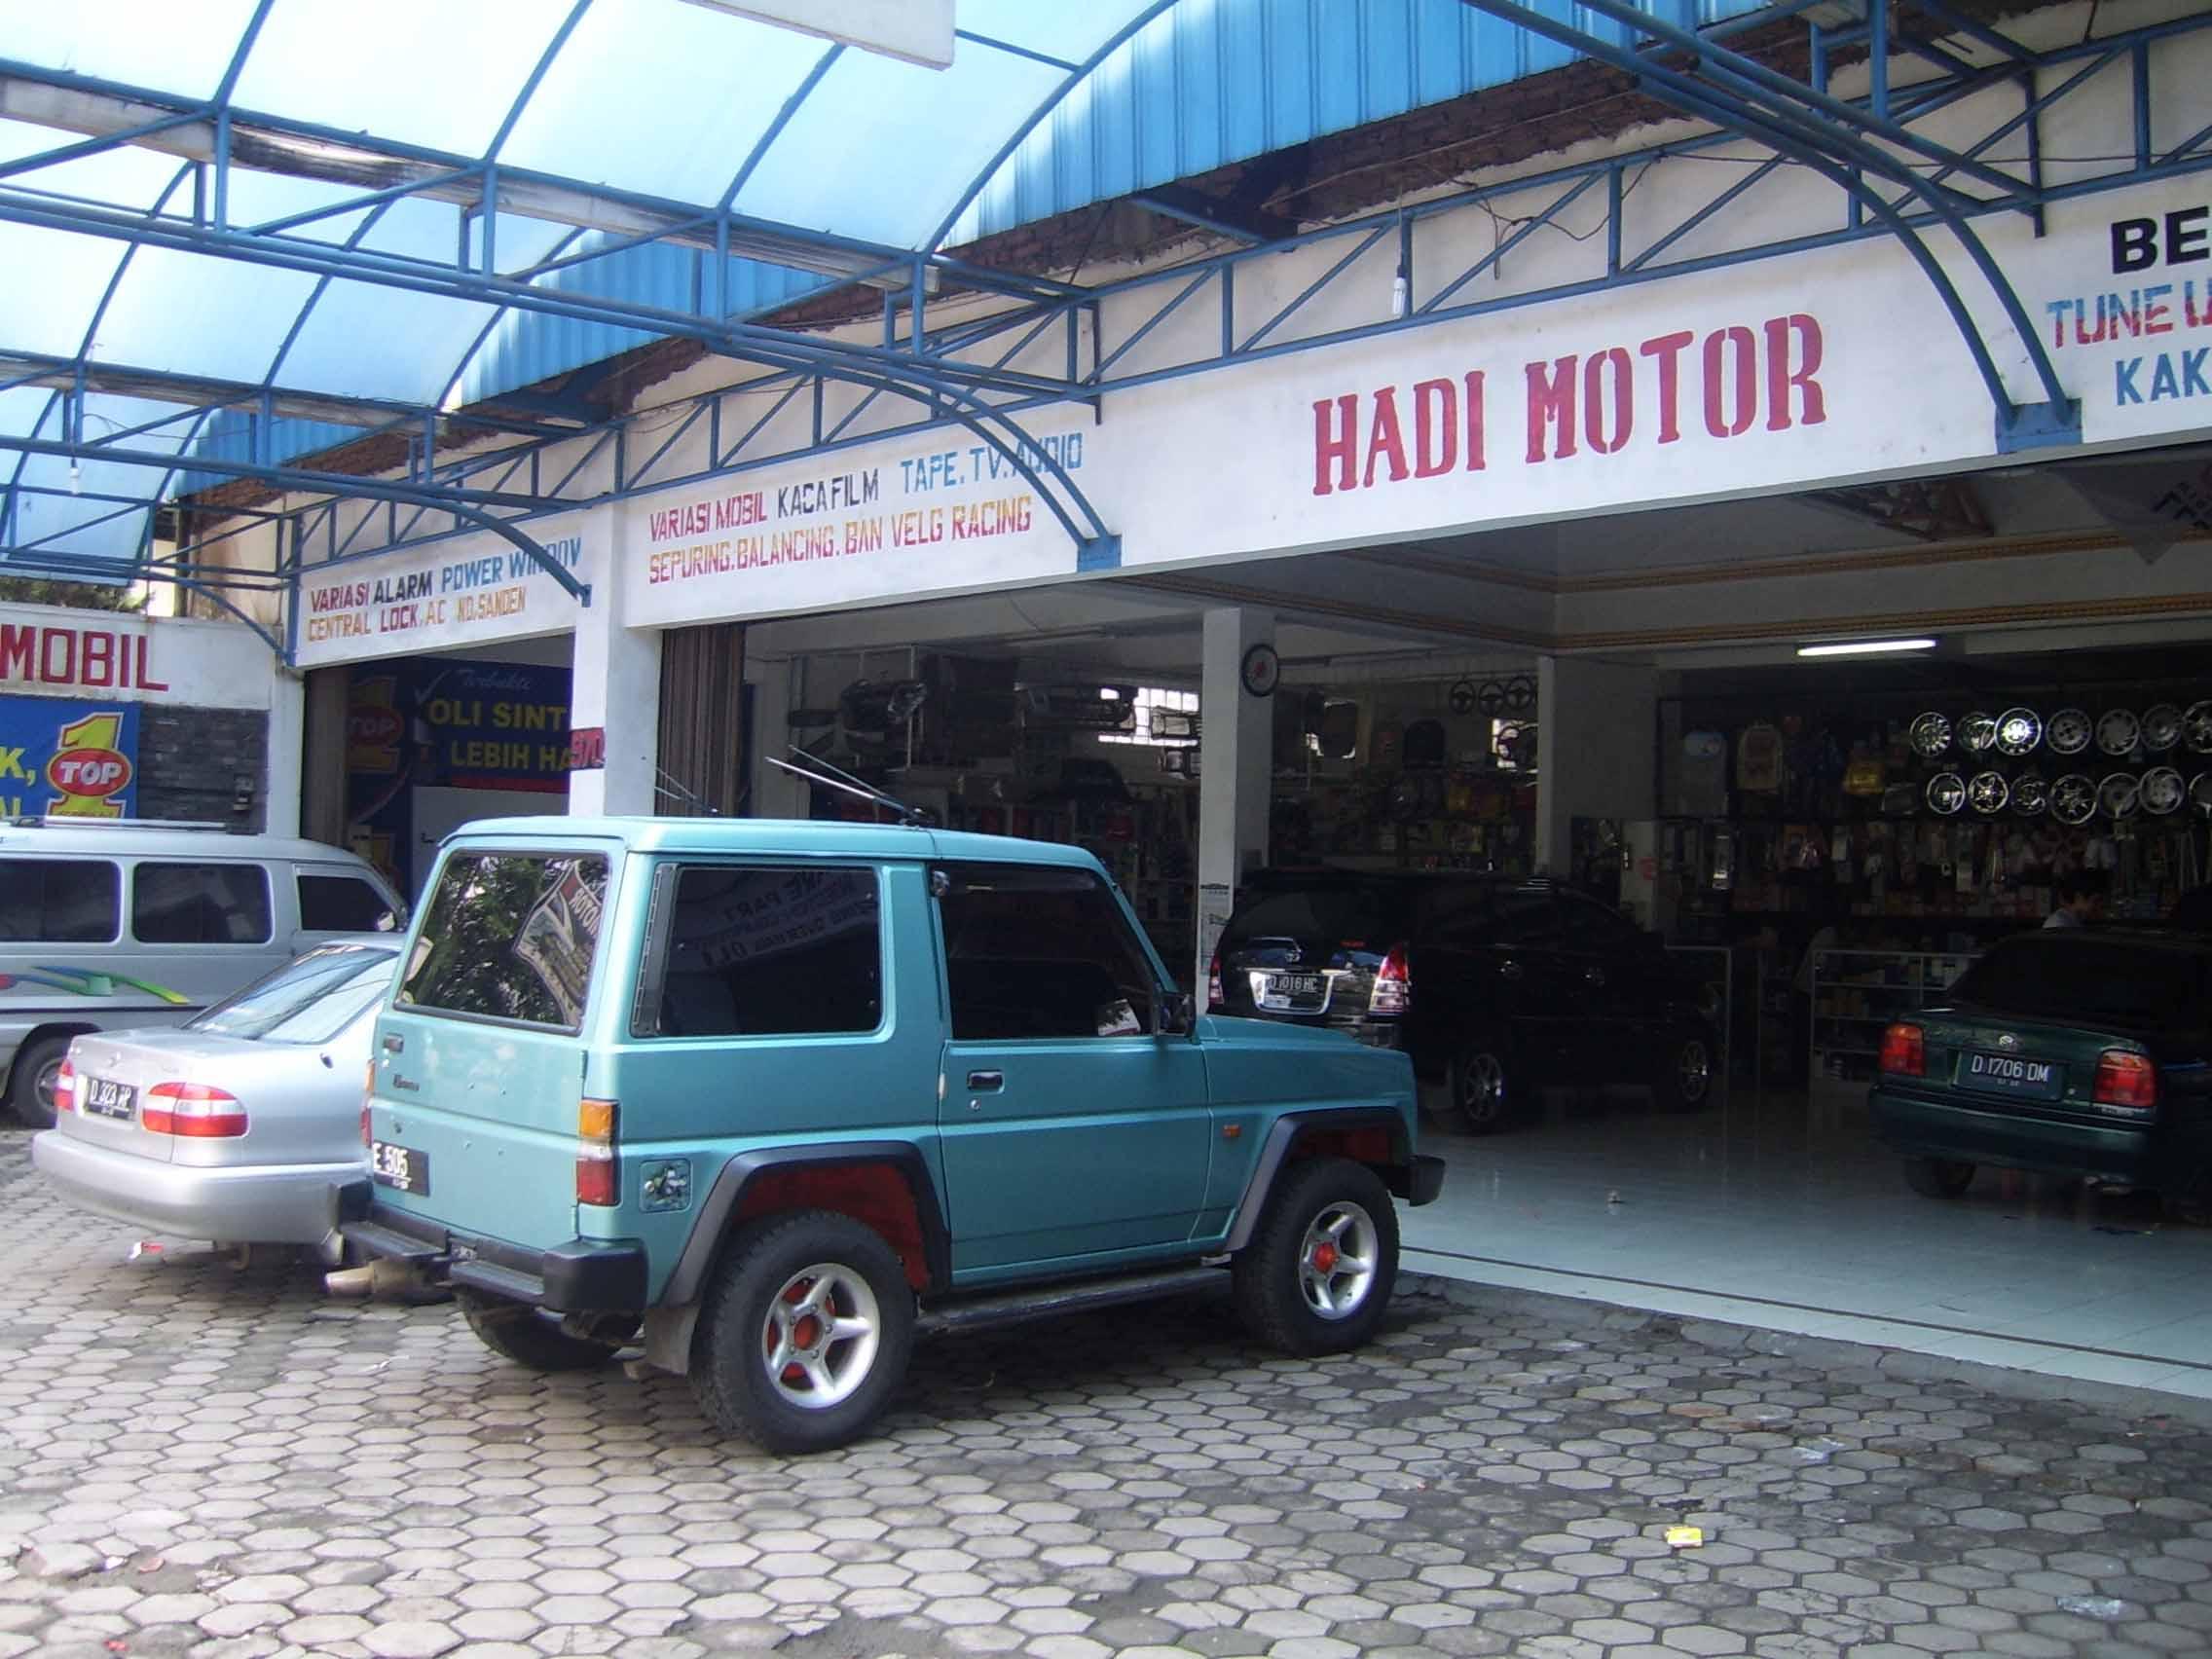 66 Bengkel Mobil Modifikasi Di Bandung Terbaru